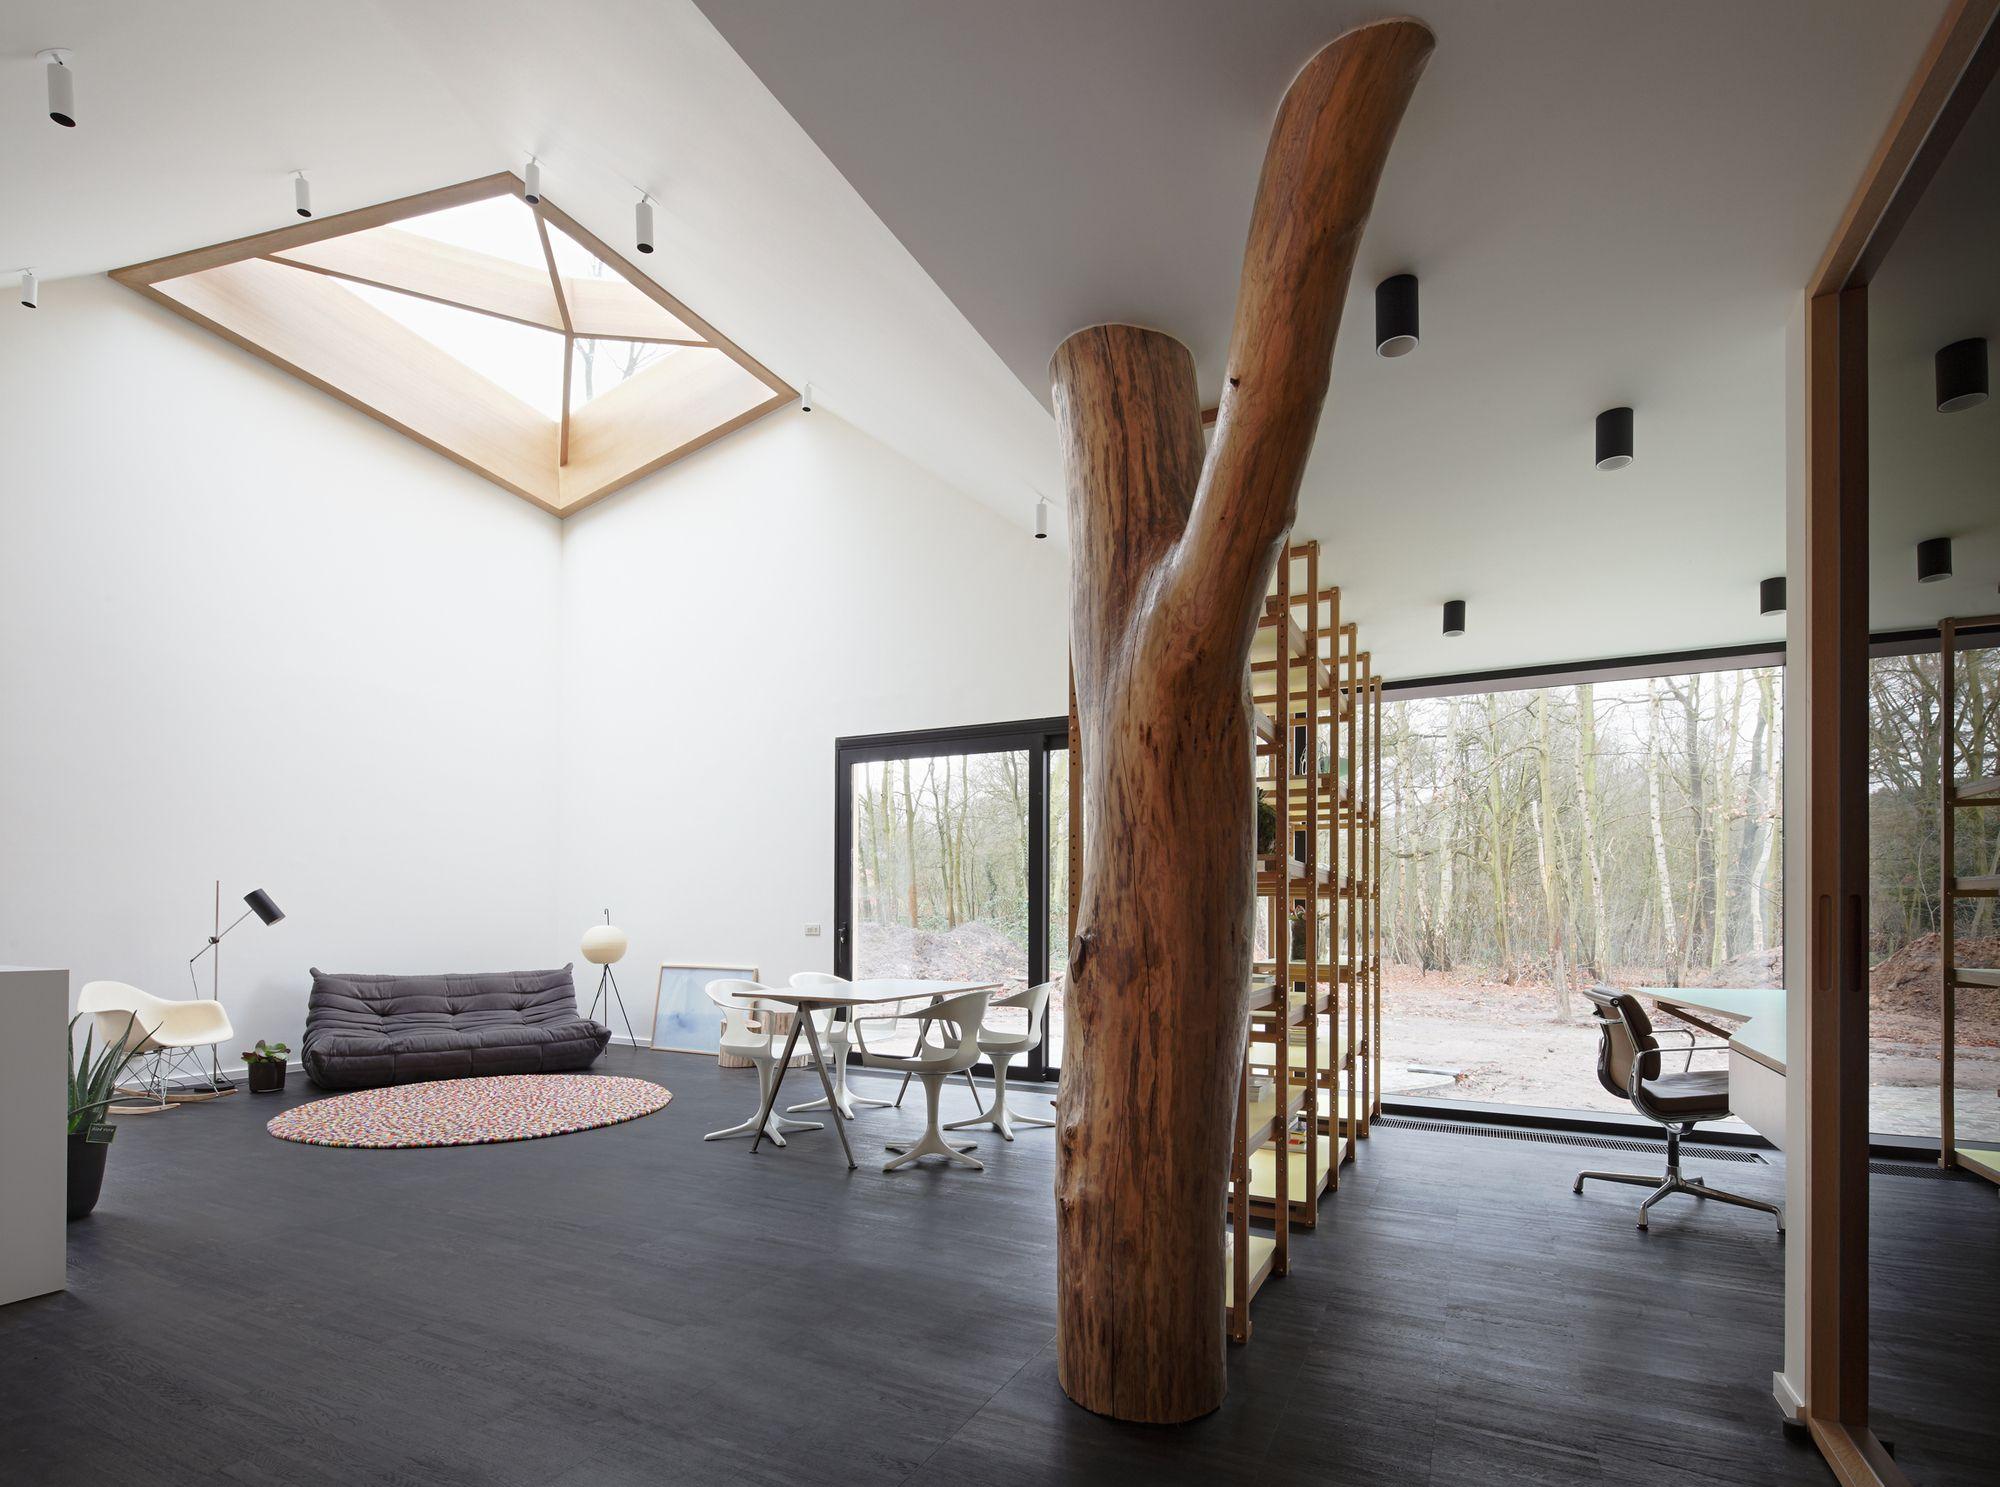 Galería - Casa para P / LOW Architecten - 7